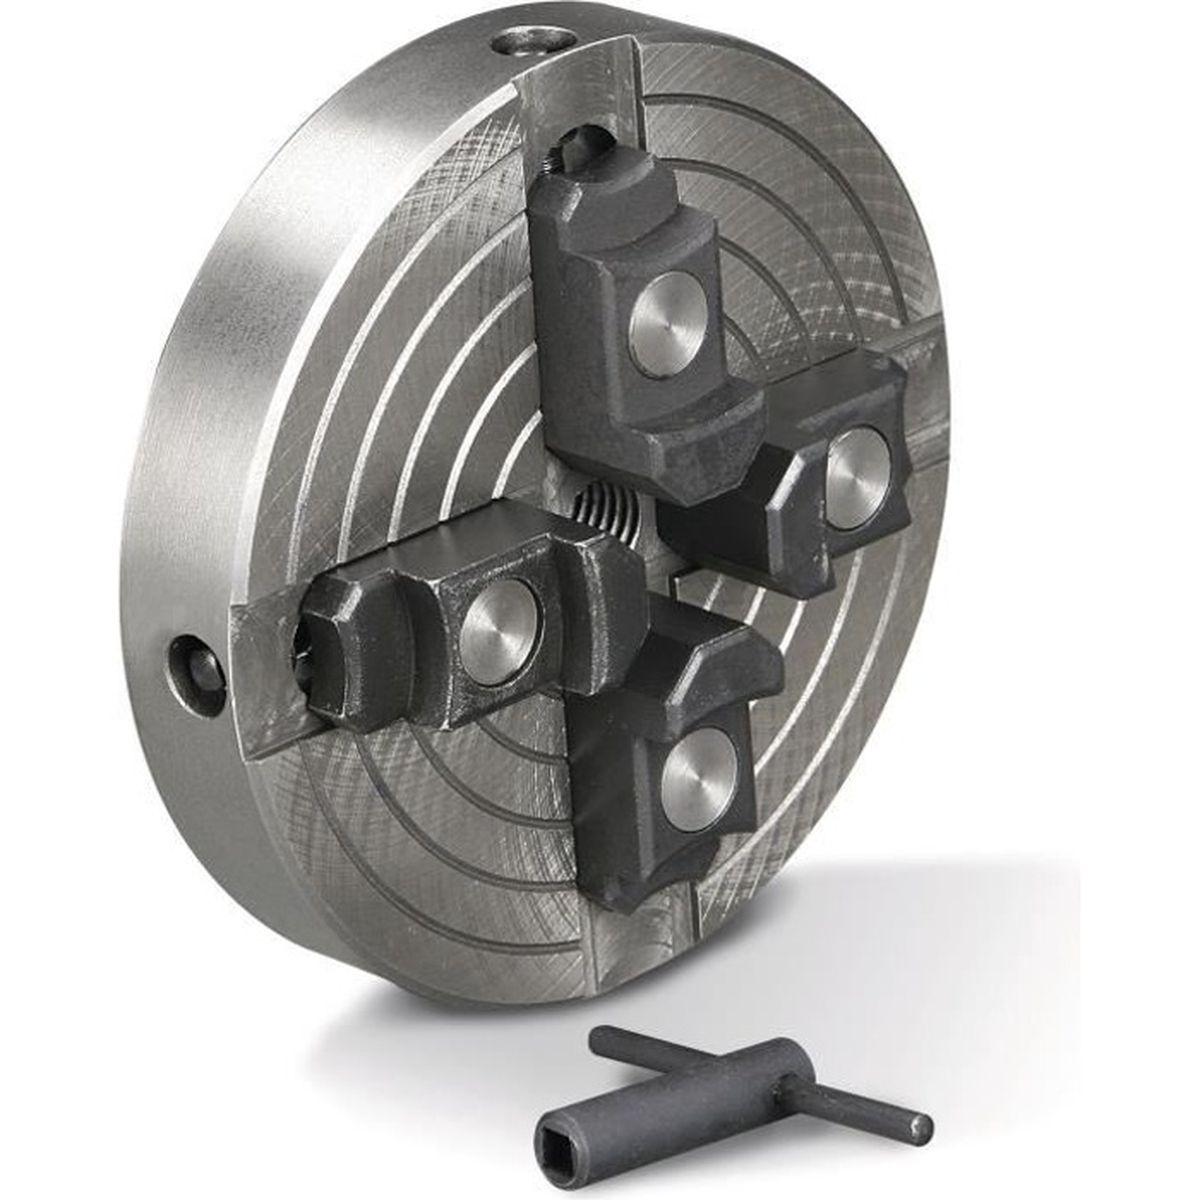 Tourne-mandrin m14 Mandrin de tour /à montage auto-centr/é r/éversible /à 4 mors de 50 mm